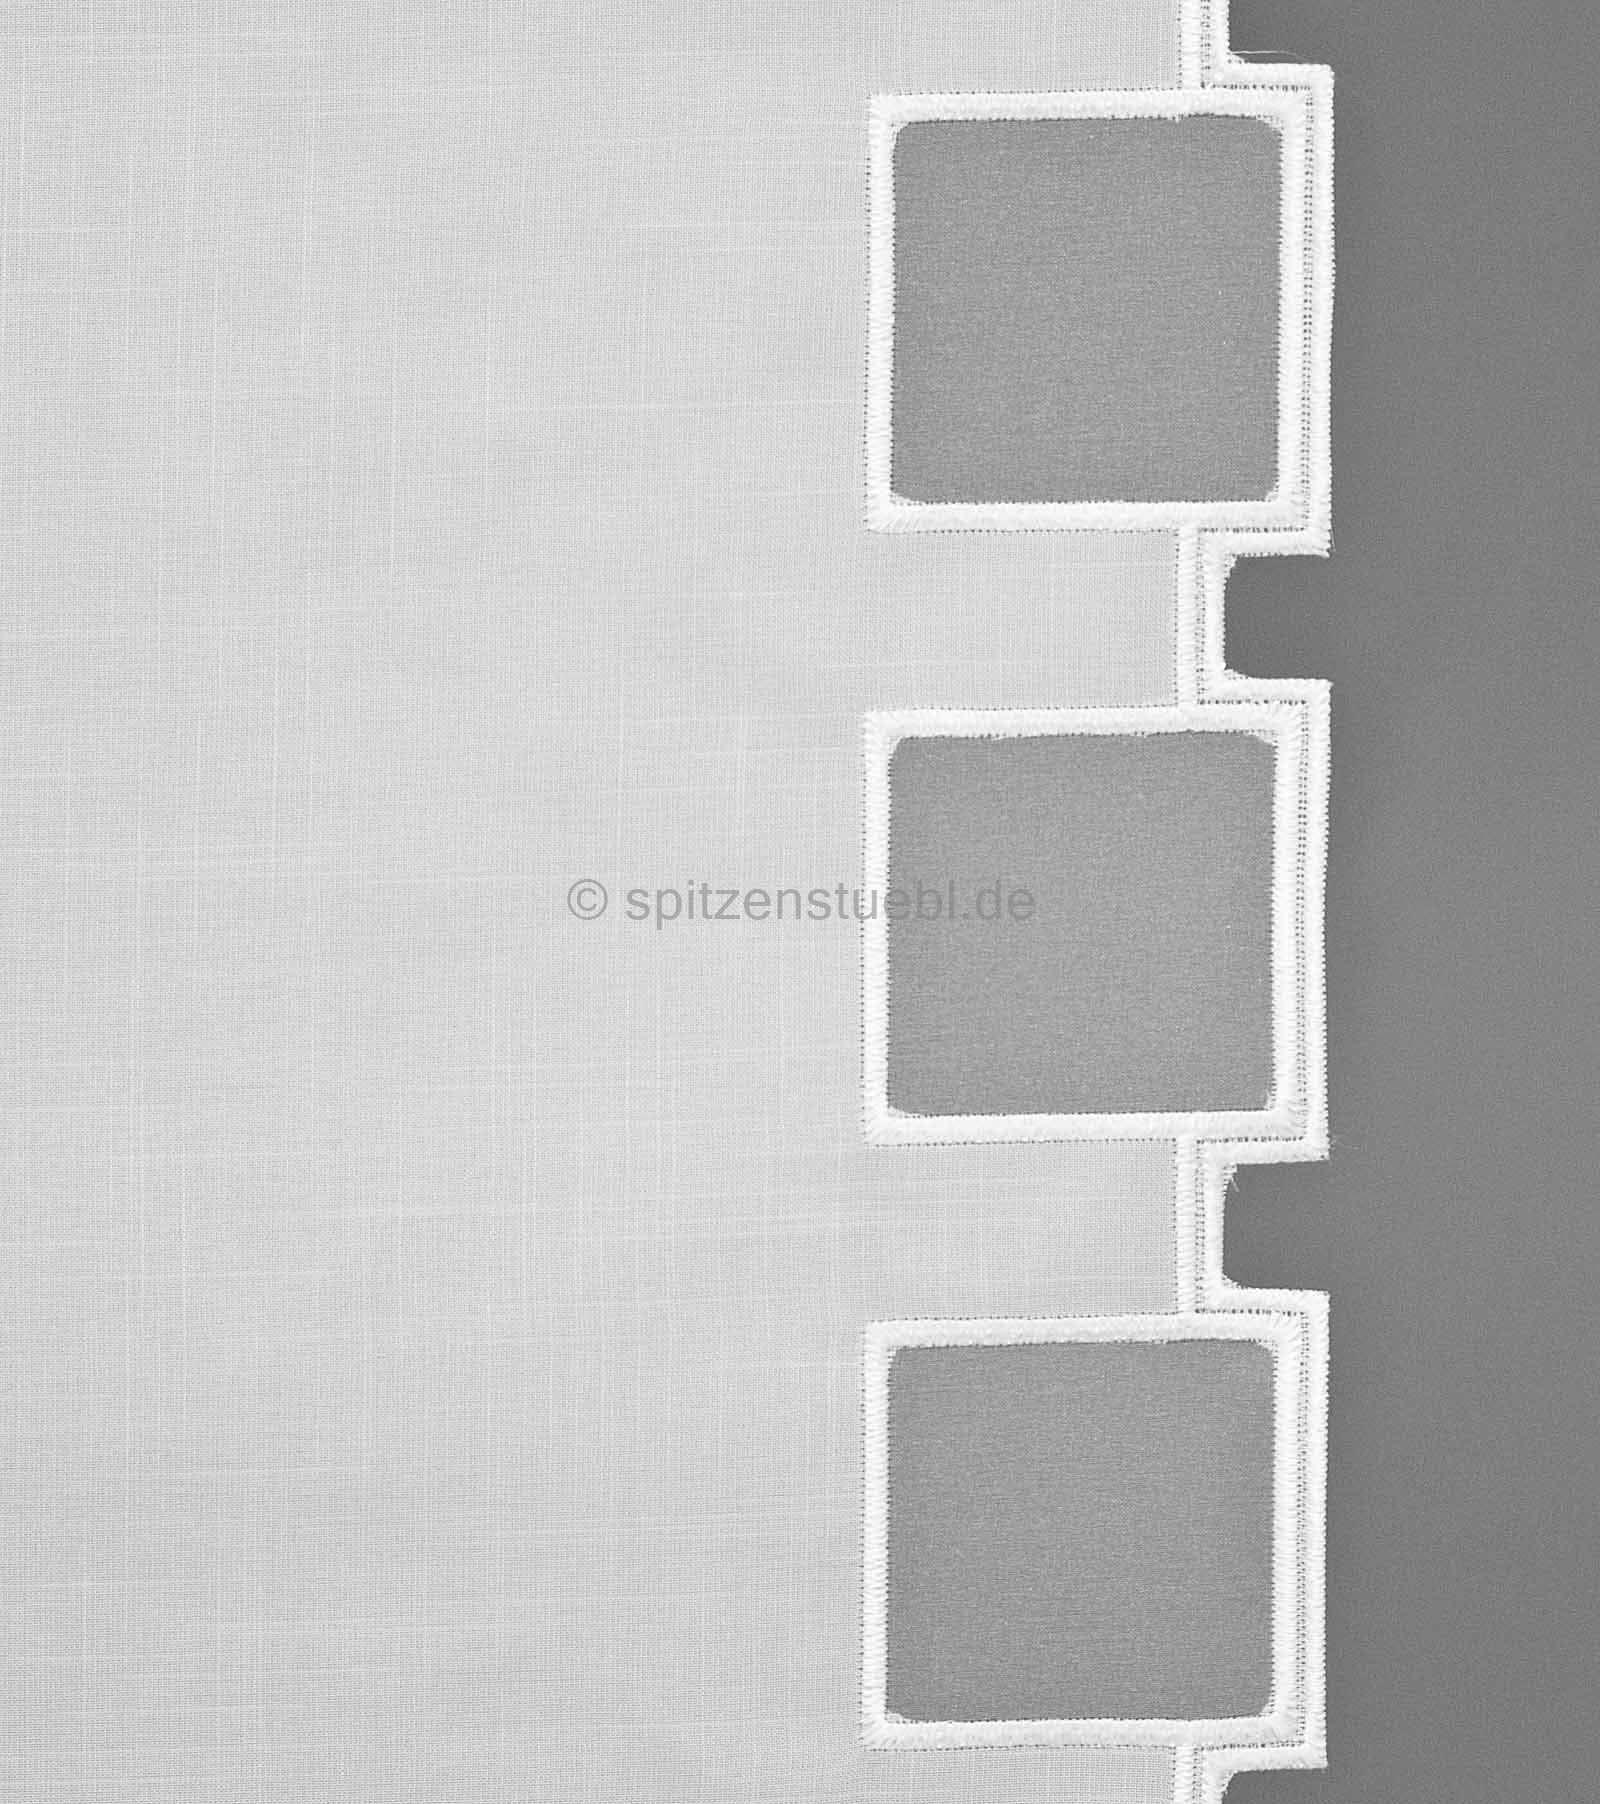 Full Size of Modernes Bett Sofa Moderne Esstische Landhausküche Deckenleuchte Wohnzimmer 180x200 Scheibengardinen Küche Duschen Bilder Fürs Wohnzimmer Moderne Scheibengardinen